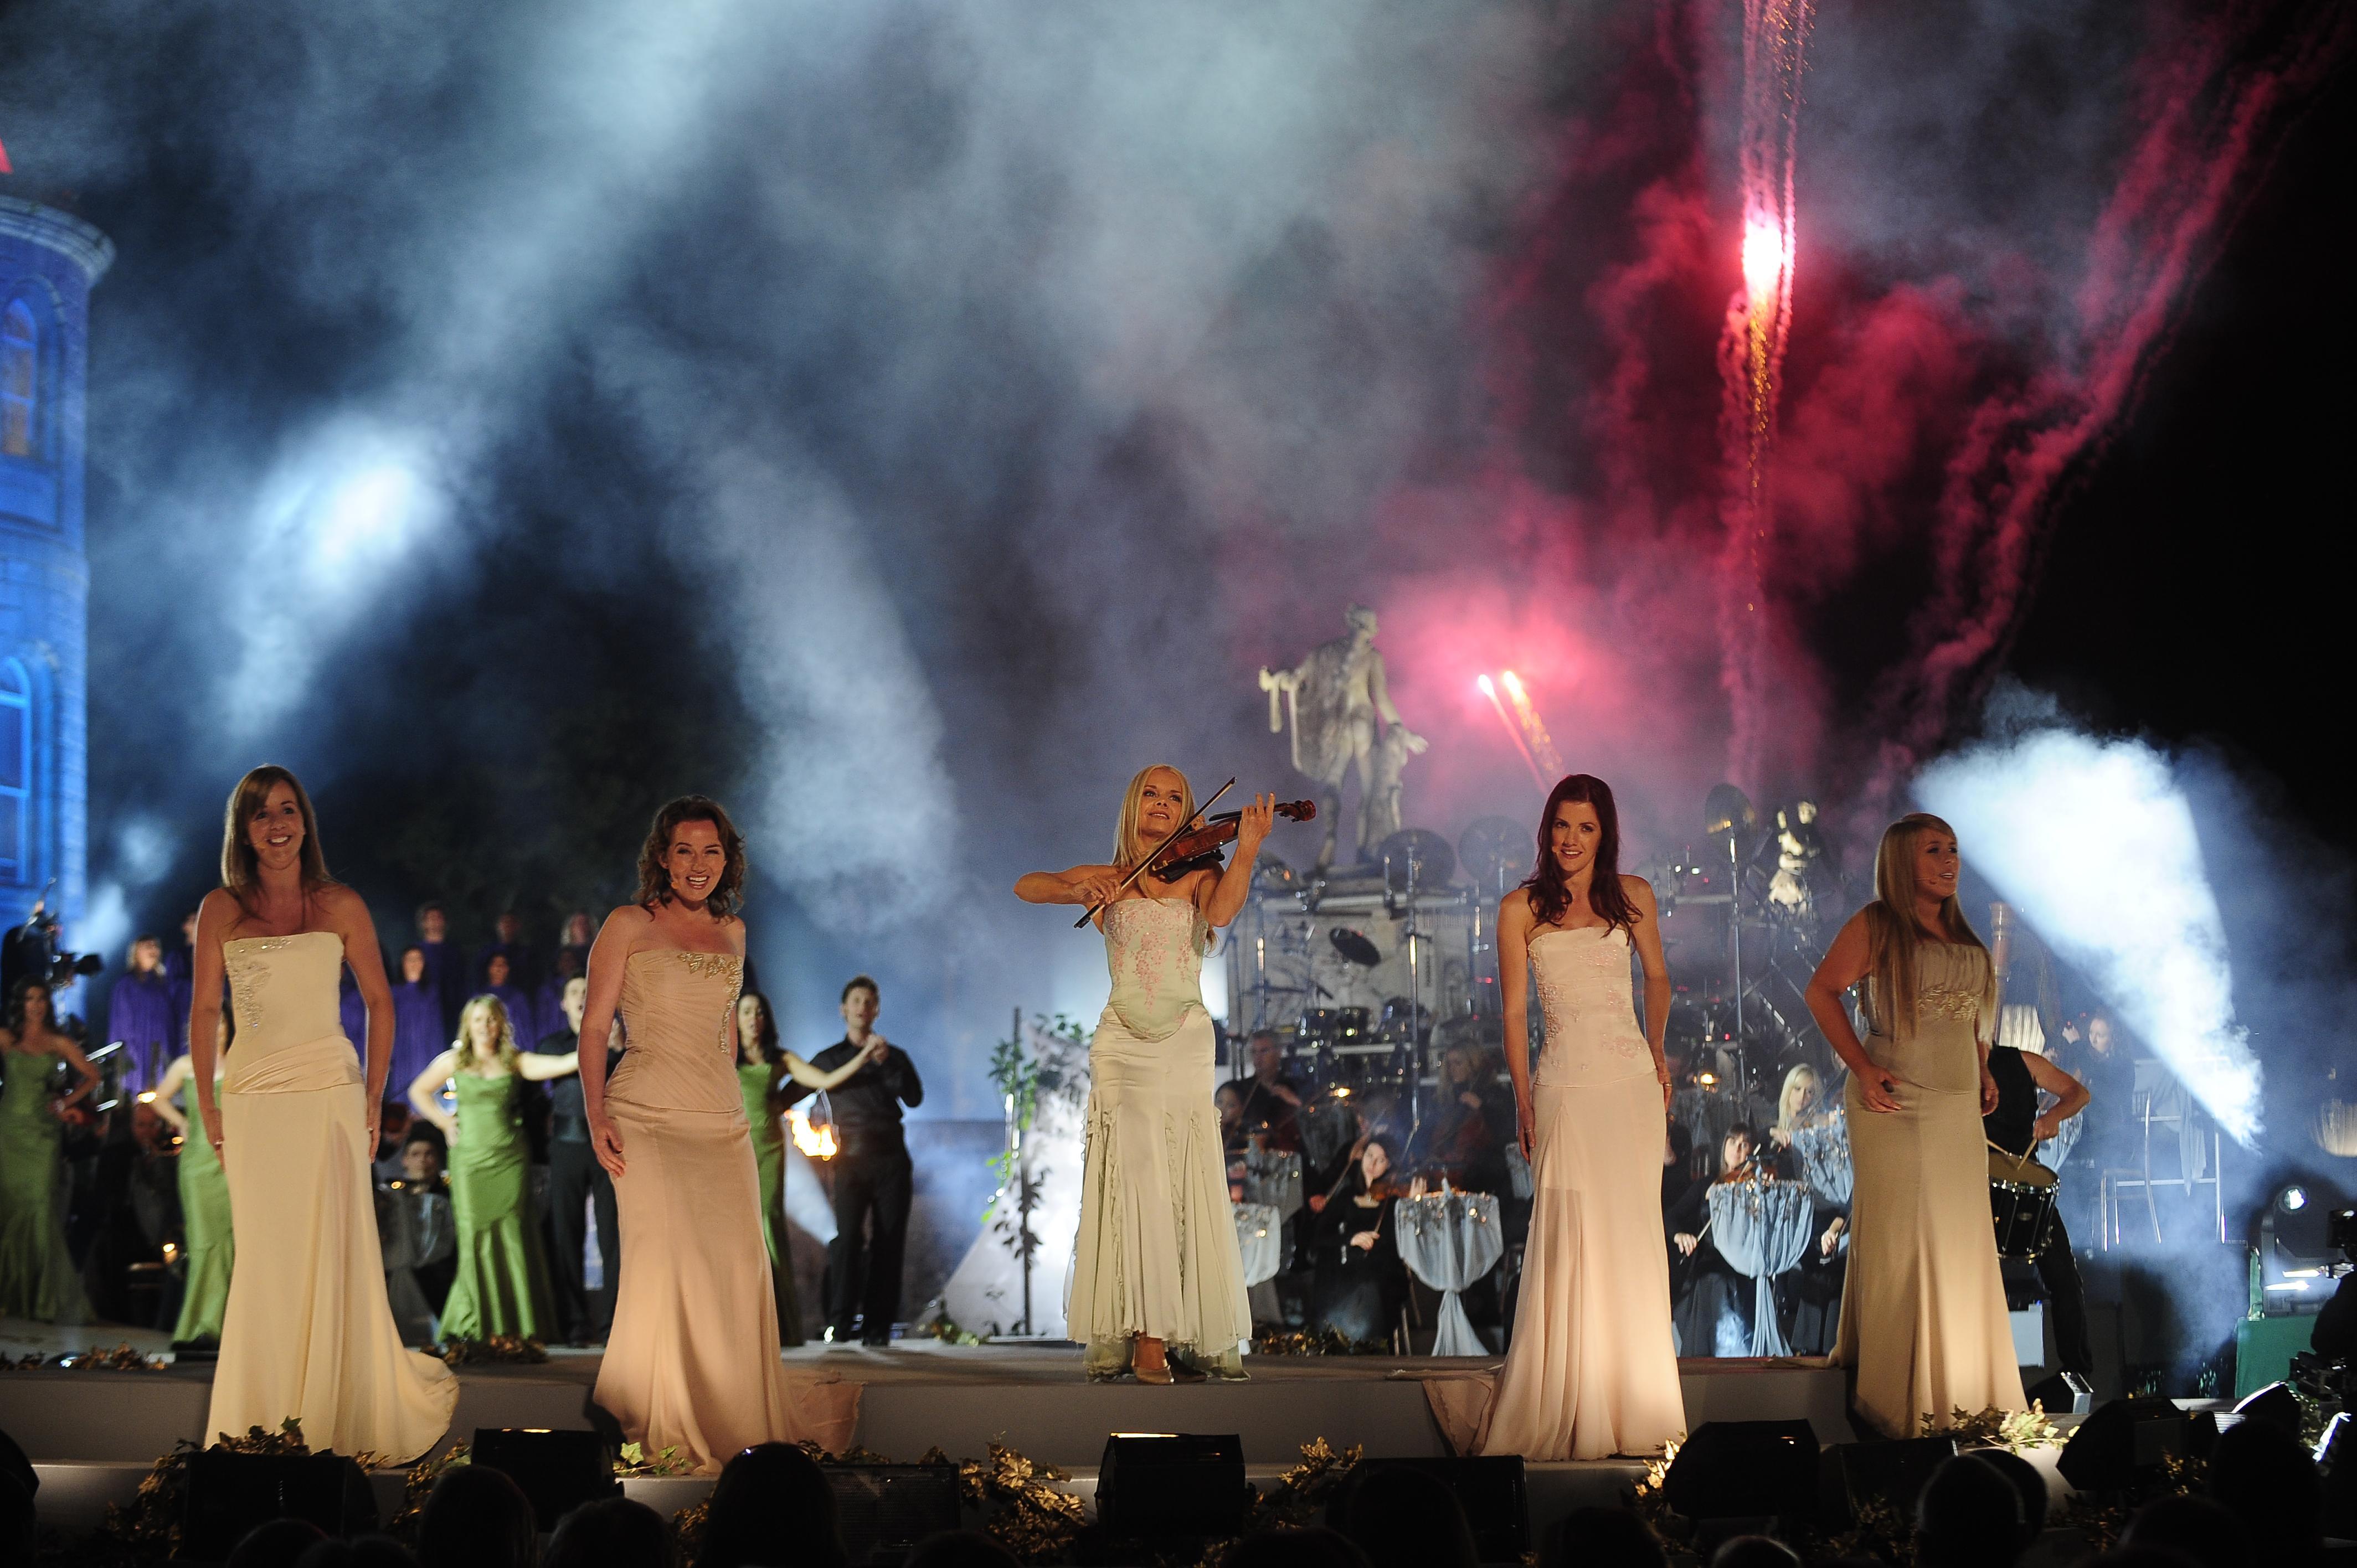 Celtic-women-in-concert